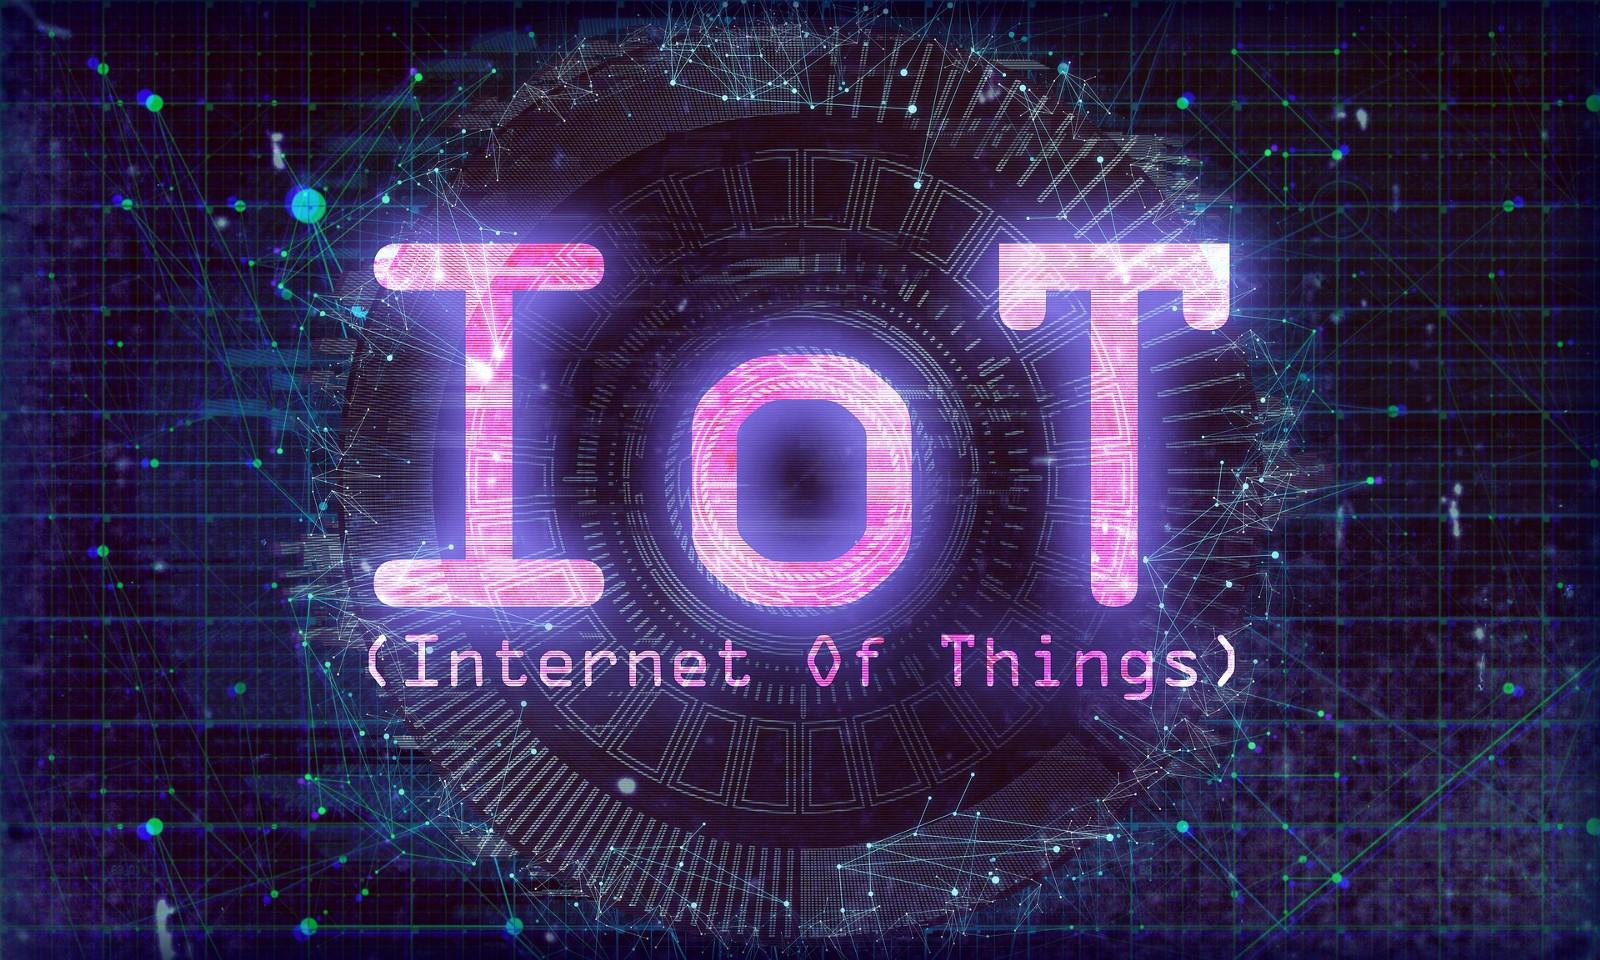 انواع رایانش ها در اینترنت اشیا را بشناسیم (قسمت اول - رایانش ابری)